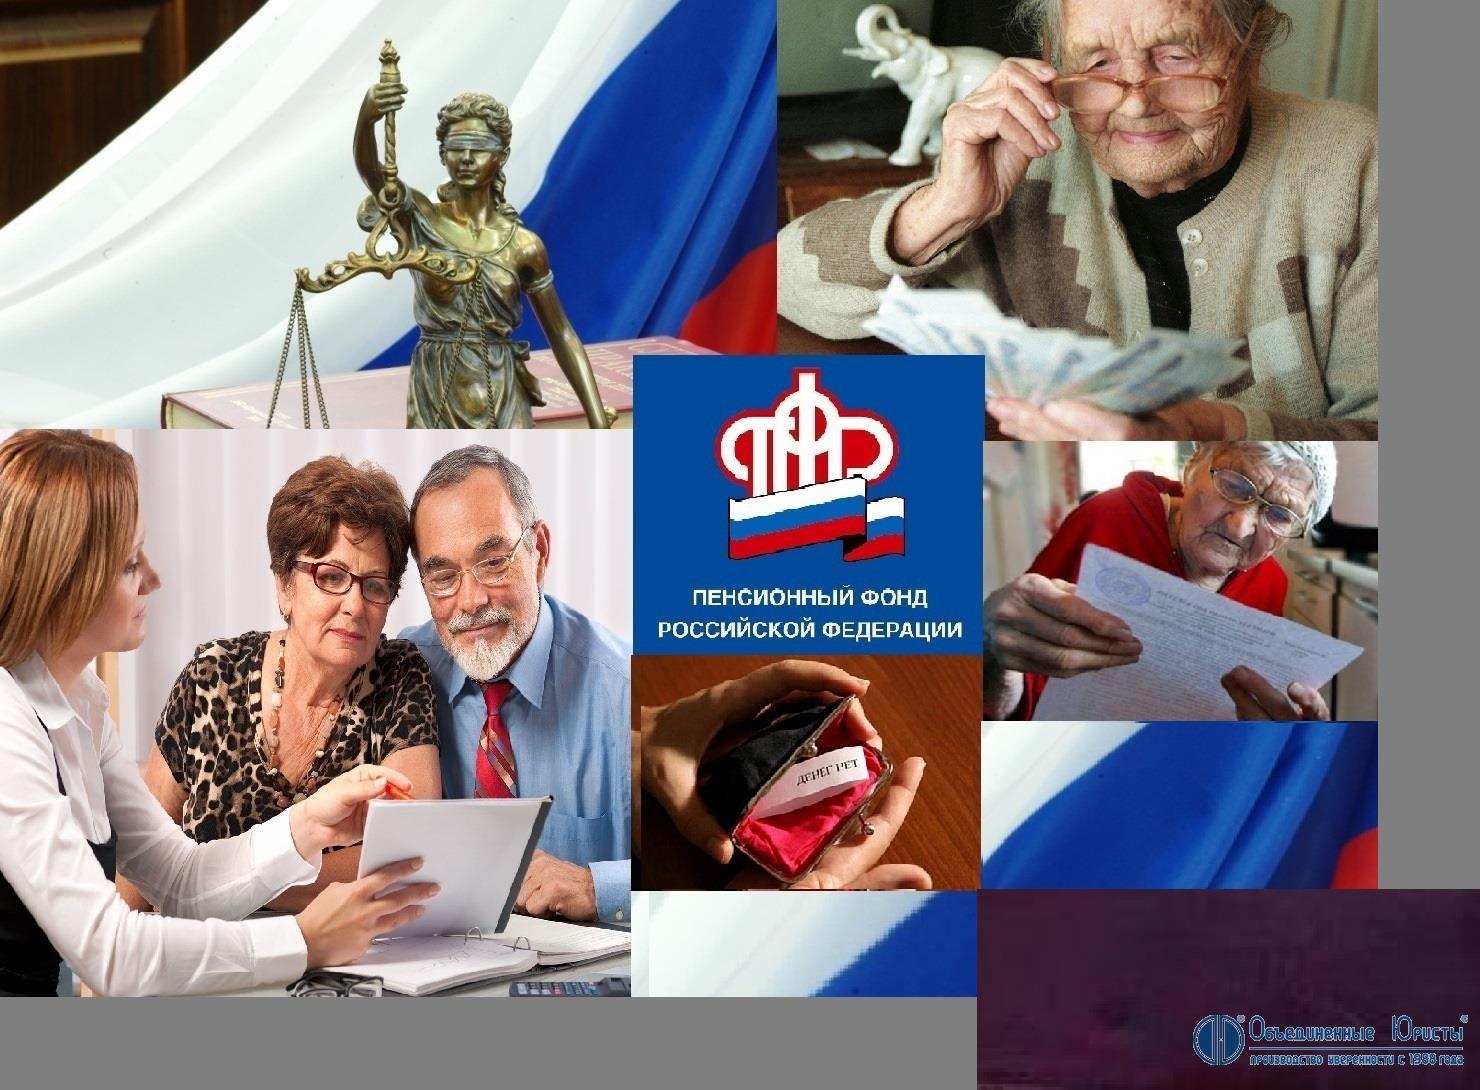 Спор с пенсионным фондом России, споры о пенсии с ПФР, обжалование решения ПФР, пересмотр размера пенсии, обжаловать отказ от вычета специального стажа, юрист по пенсионным спорам, взыскание пенсии, пенсионные споры, стоимость | Объединенные Юристы